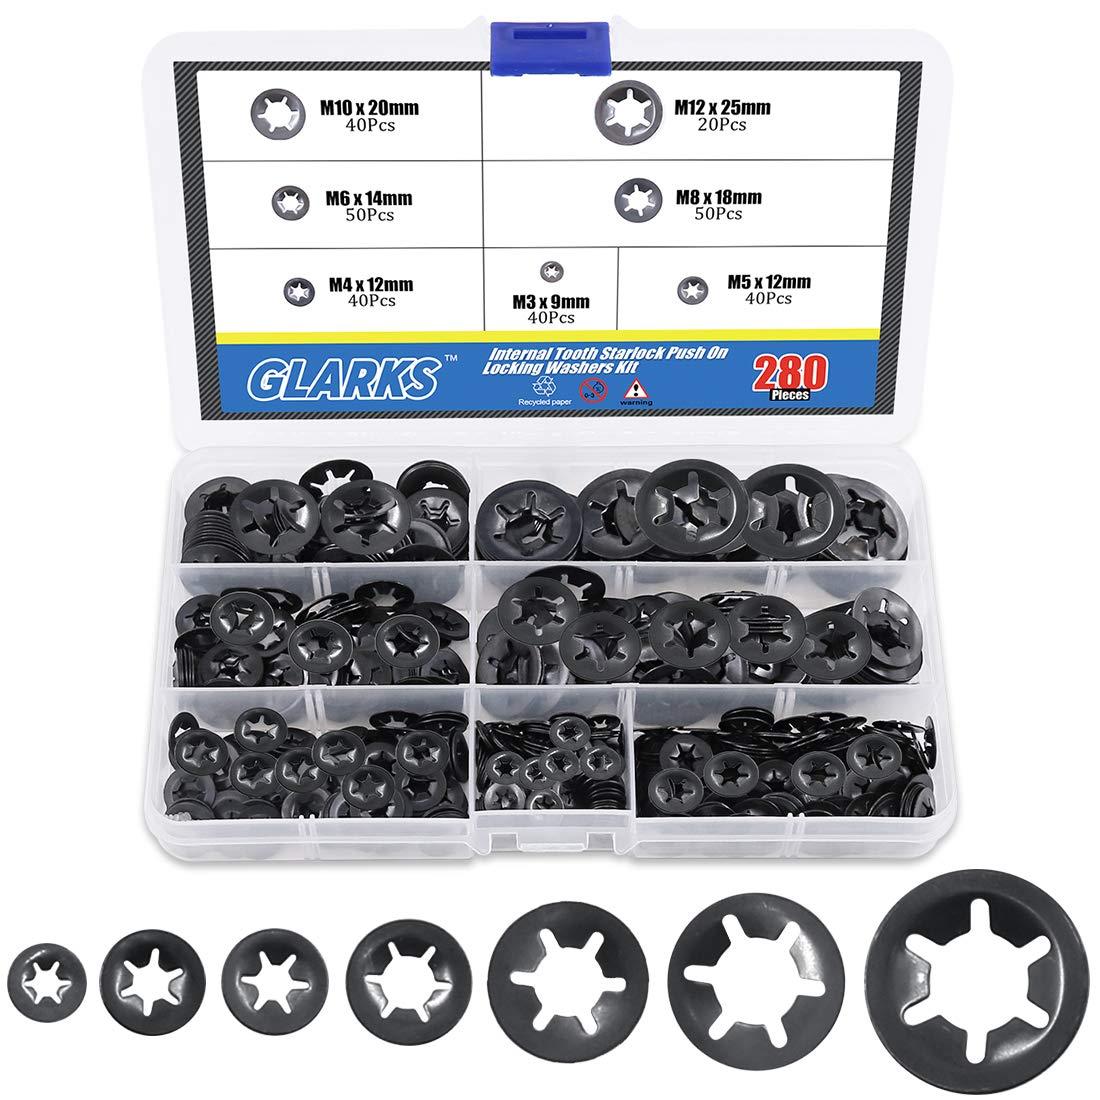 Starlock Washers Push On Locking Grab Star Fastener Clips  20X 2mm,3mm,4mm,5mm